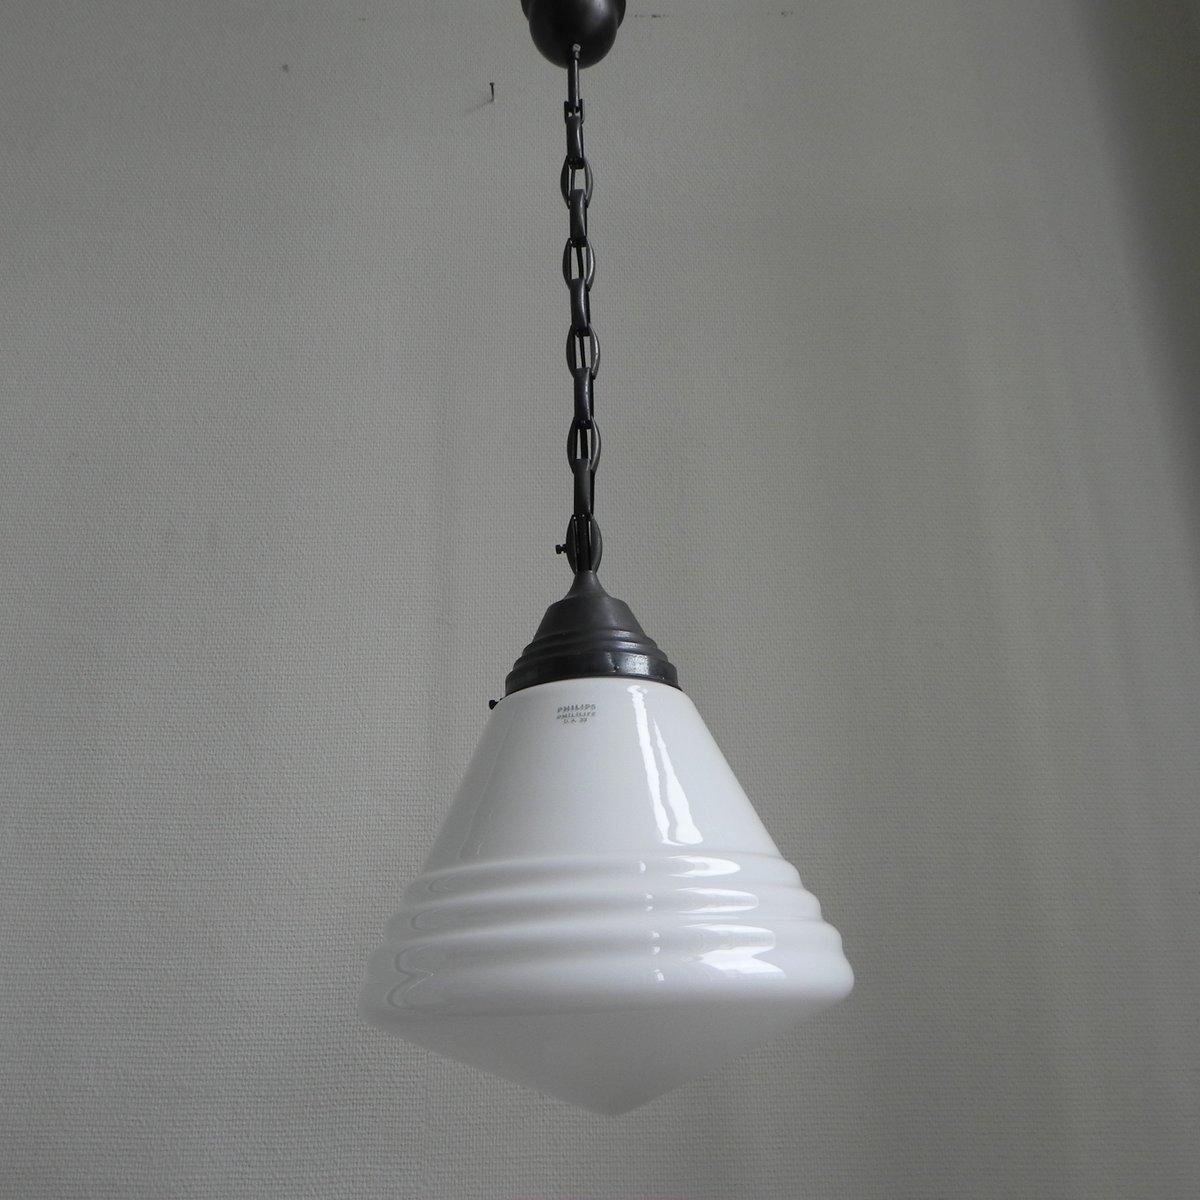 art deco h ngelampe mit gro er glaskugel von philips bei pamono kaufen. Black Bedroom Furniture Sets. Home Design Ideas